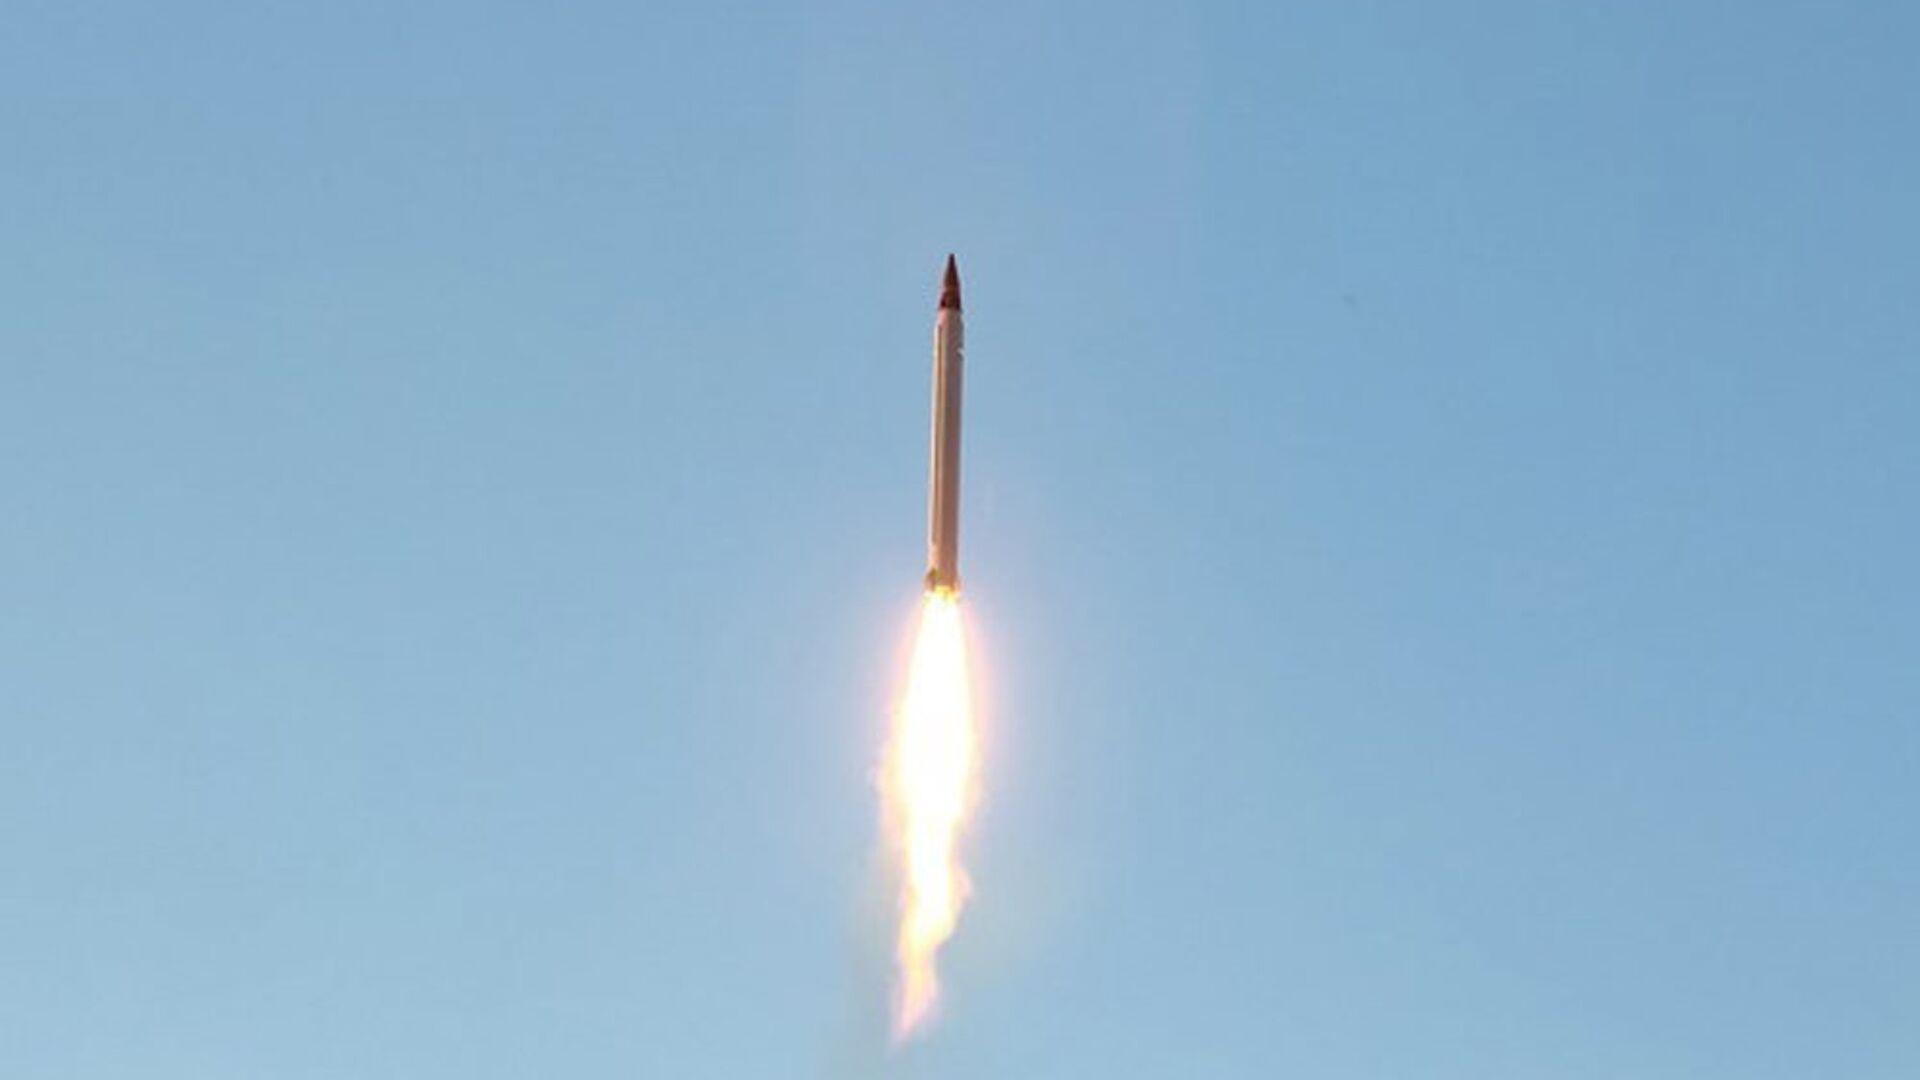 Misil balístico de Irán (archivo) - Sputnik Mundo, 1920, 15.02.2021